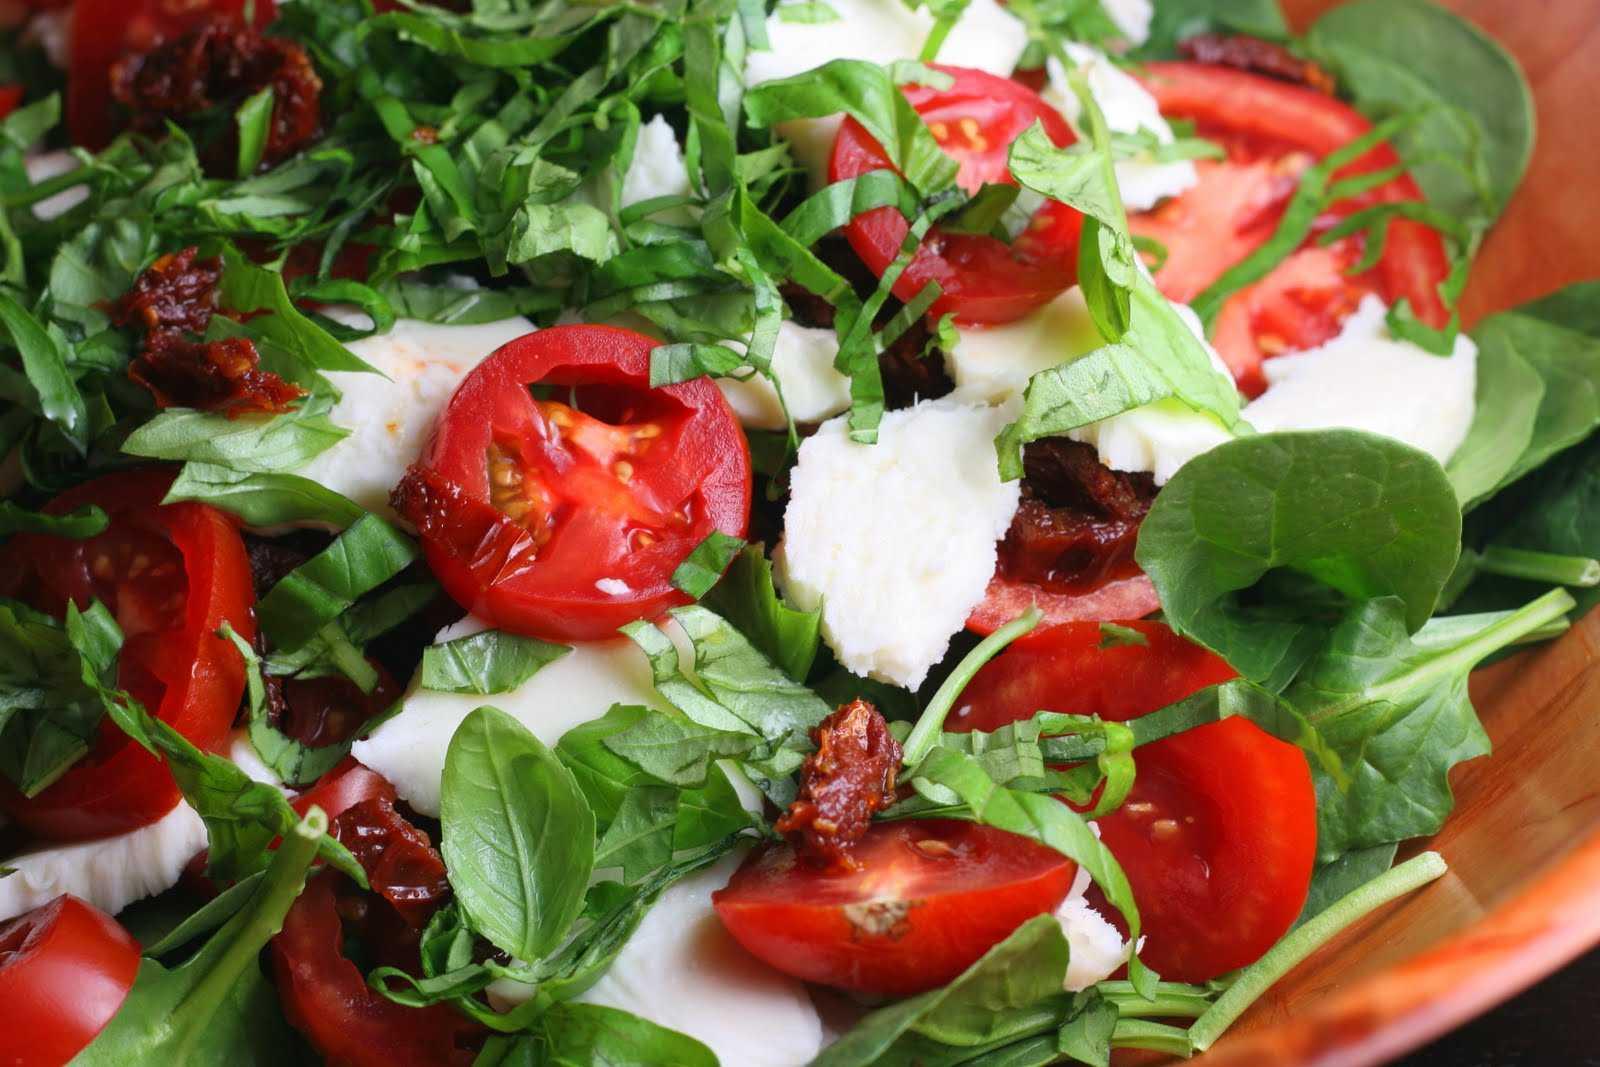 Как приготовить салат с помидорами, творогом и базиликом: поиск по ингредиентам, советы, отзывы, пошаговые фото, подсчет калорий, изменение порций, похожие рецепты